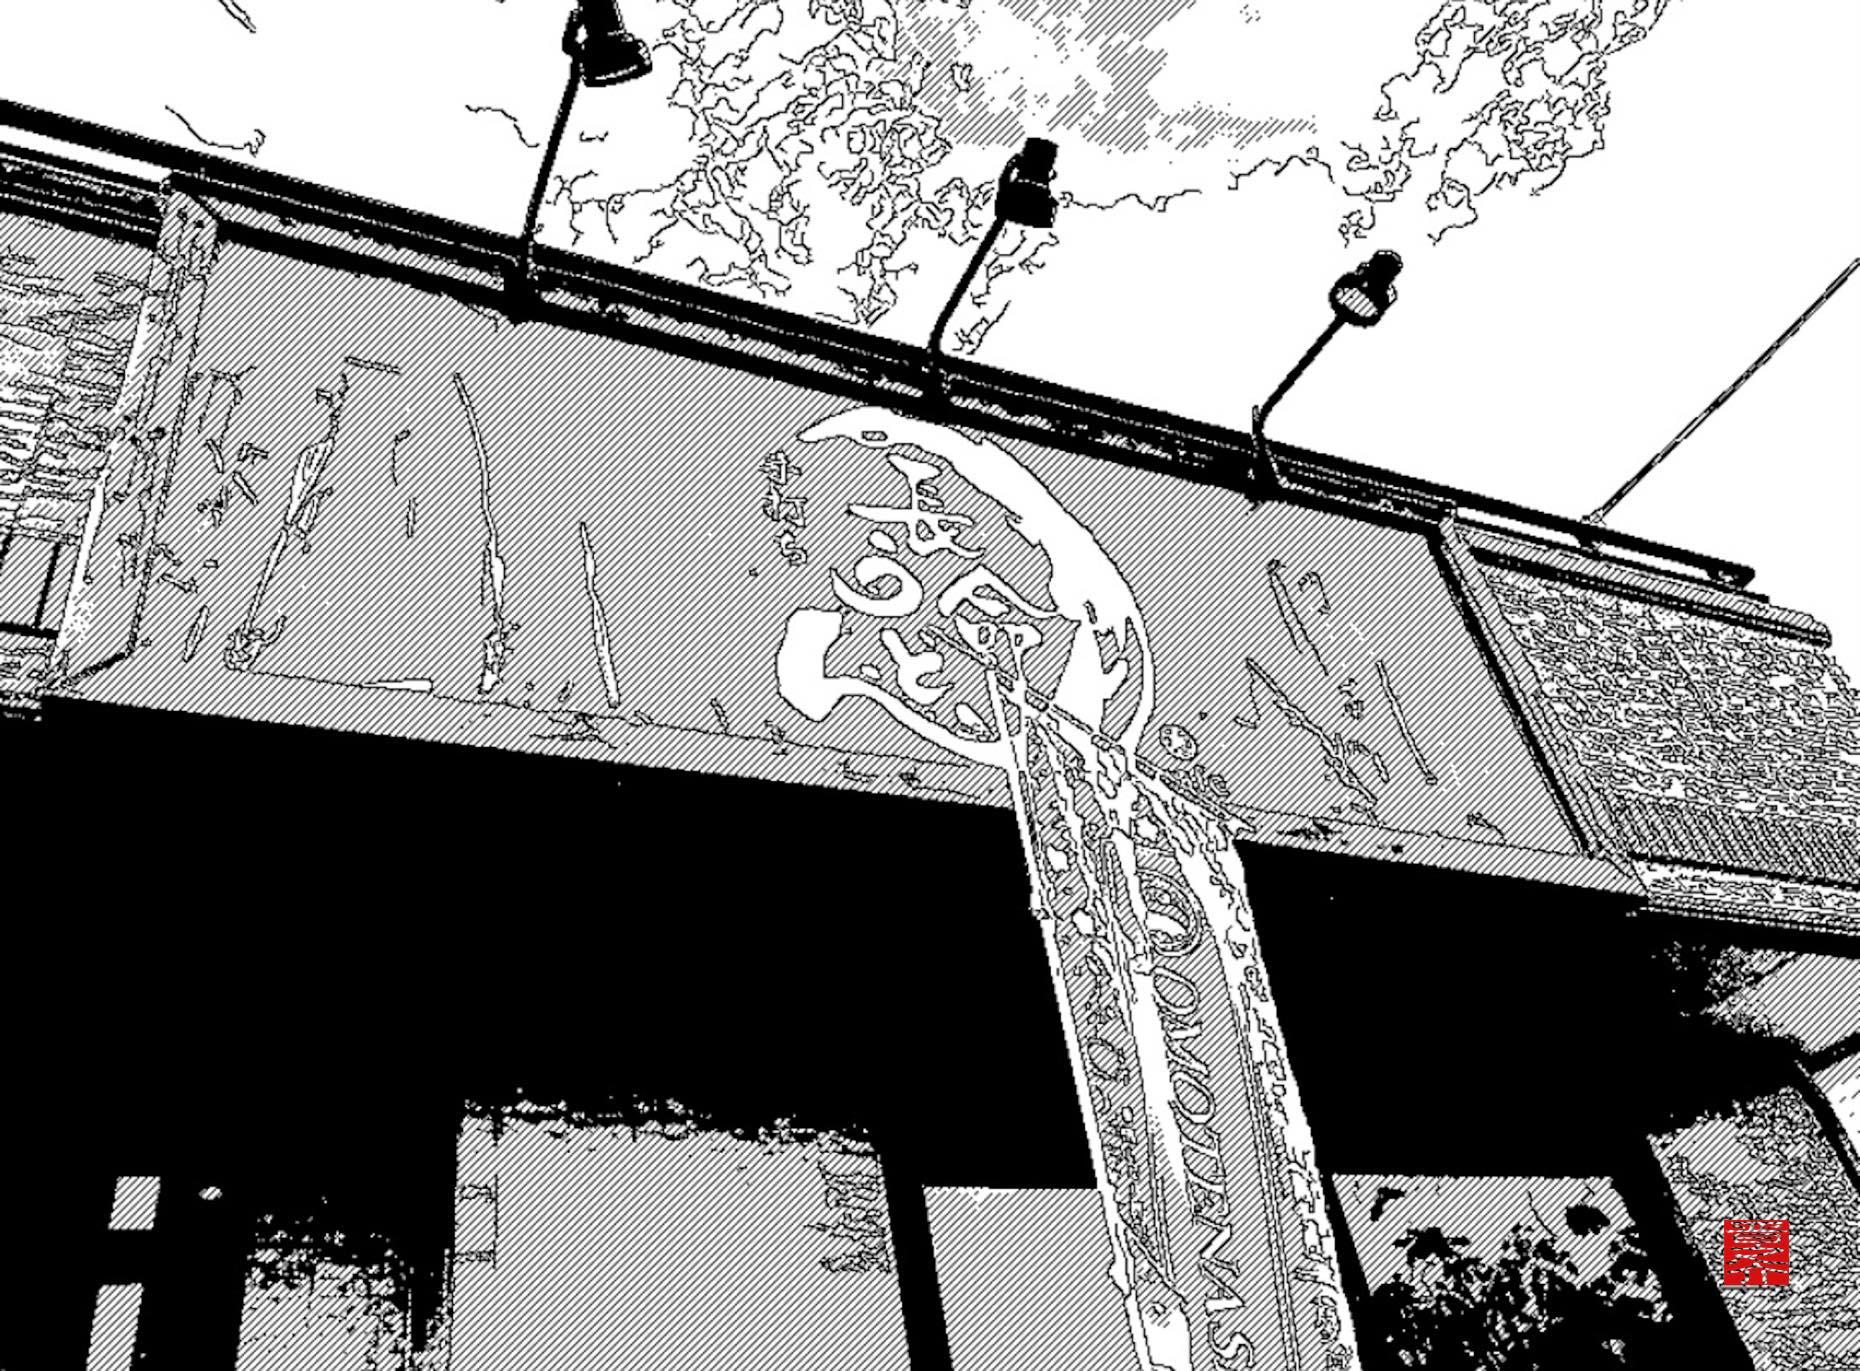 「長命?」「カフェ?」幸田町の長命うどんは、靴を脱いで上がるおしゃれなスタイル(甘味系も充実)